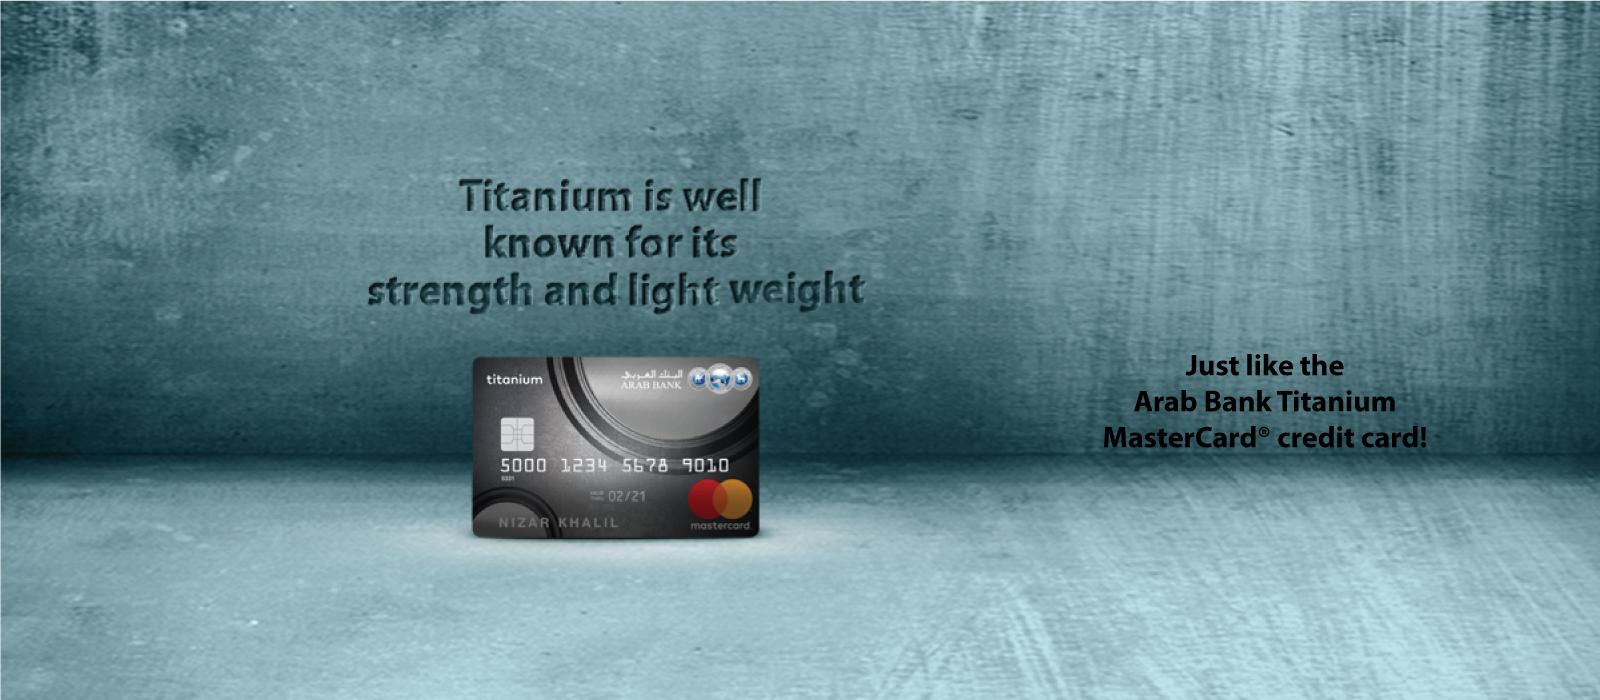 Titanium-1600x700-E